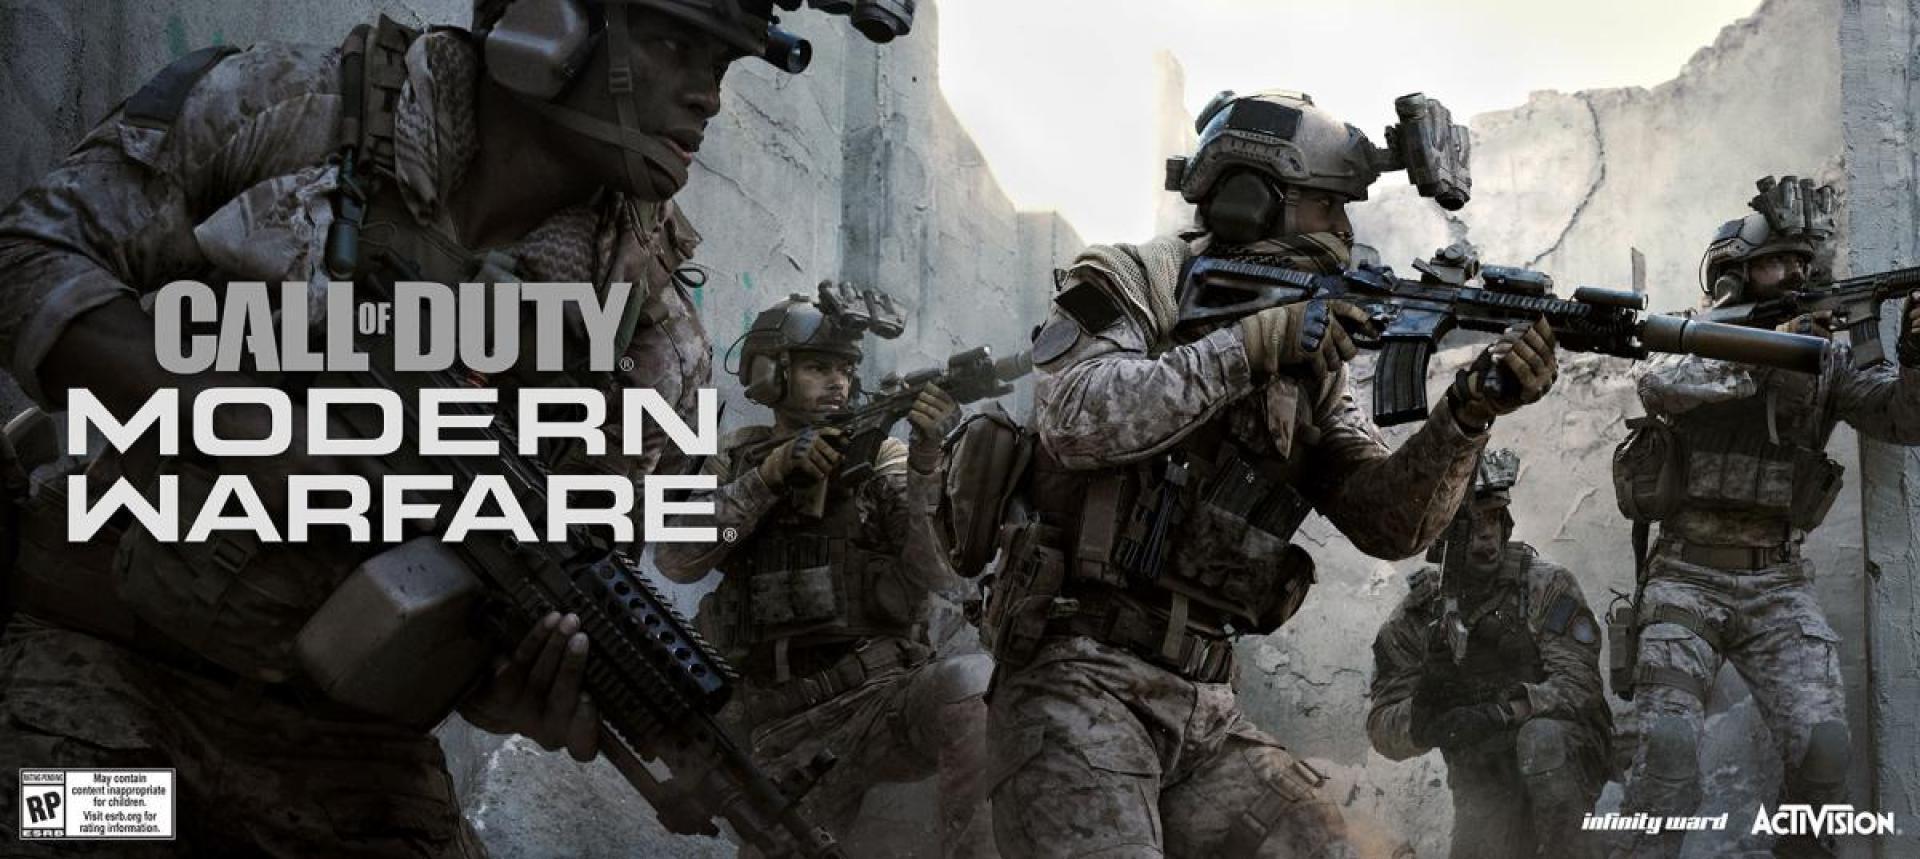 『Call of Duty: Modern Warfare(コール オブ デューティ モダン・ウォーフェア / CoD:MW)』